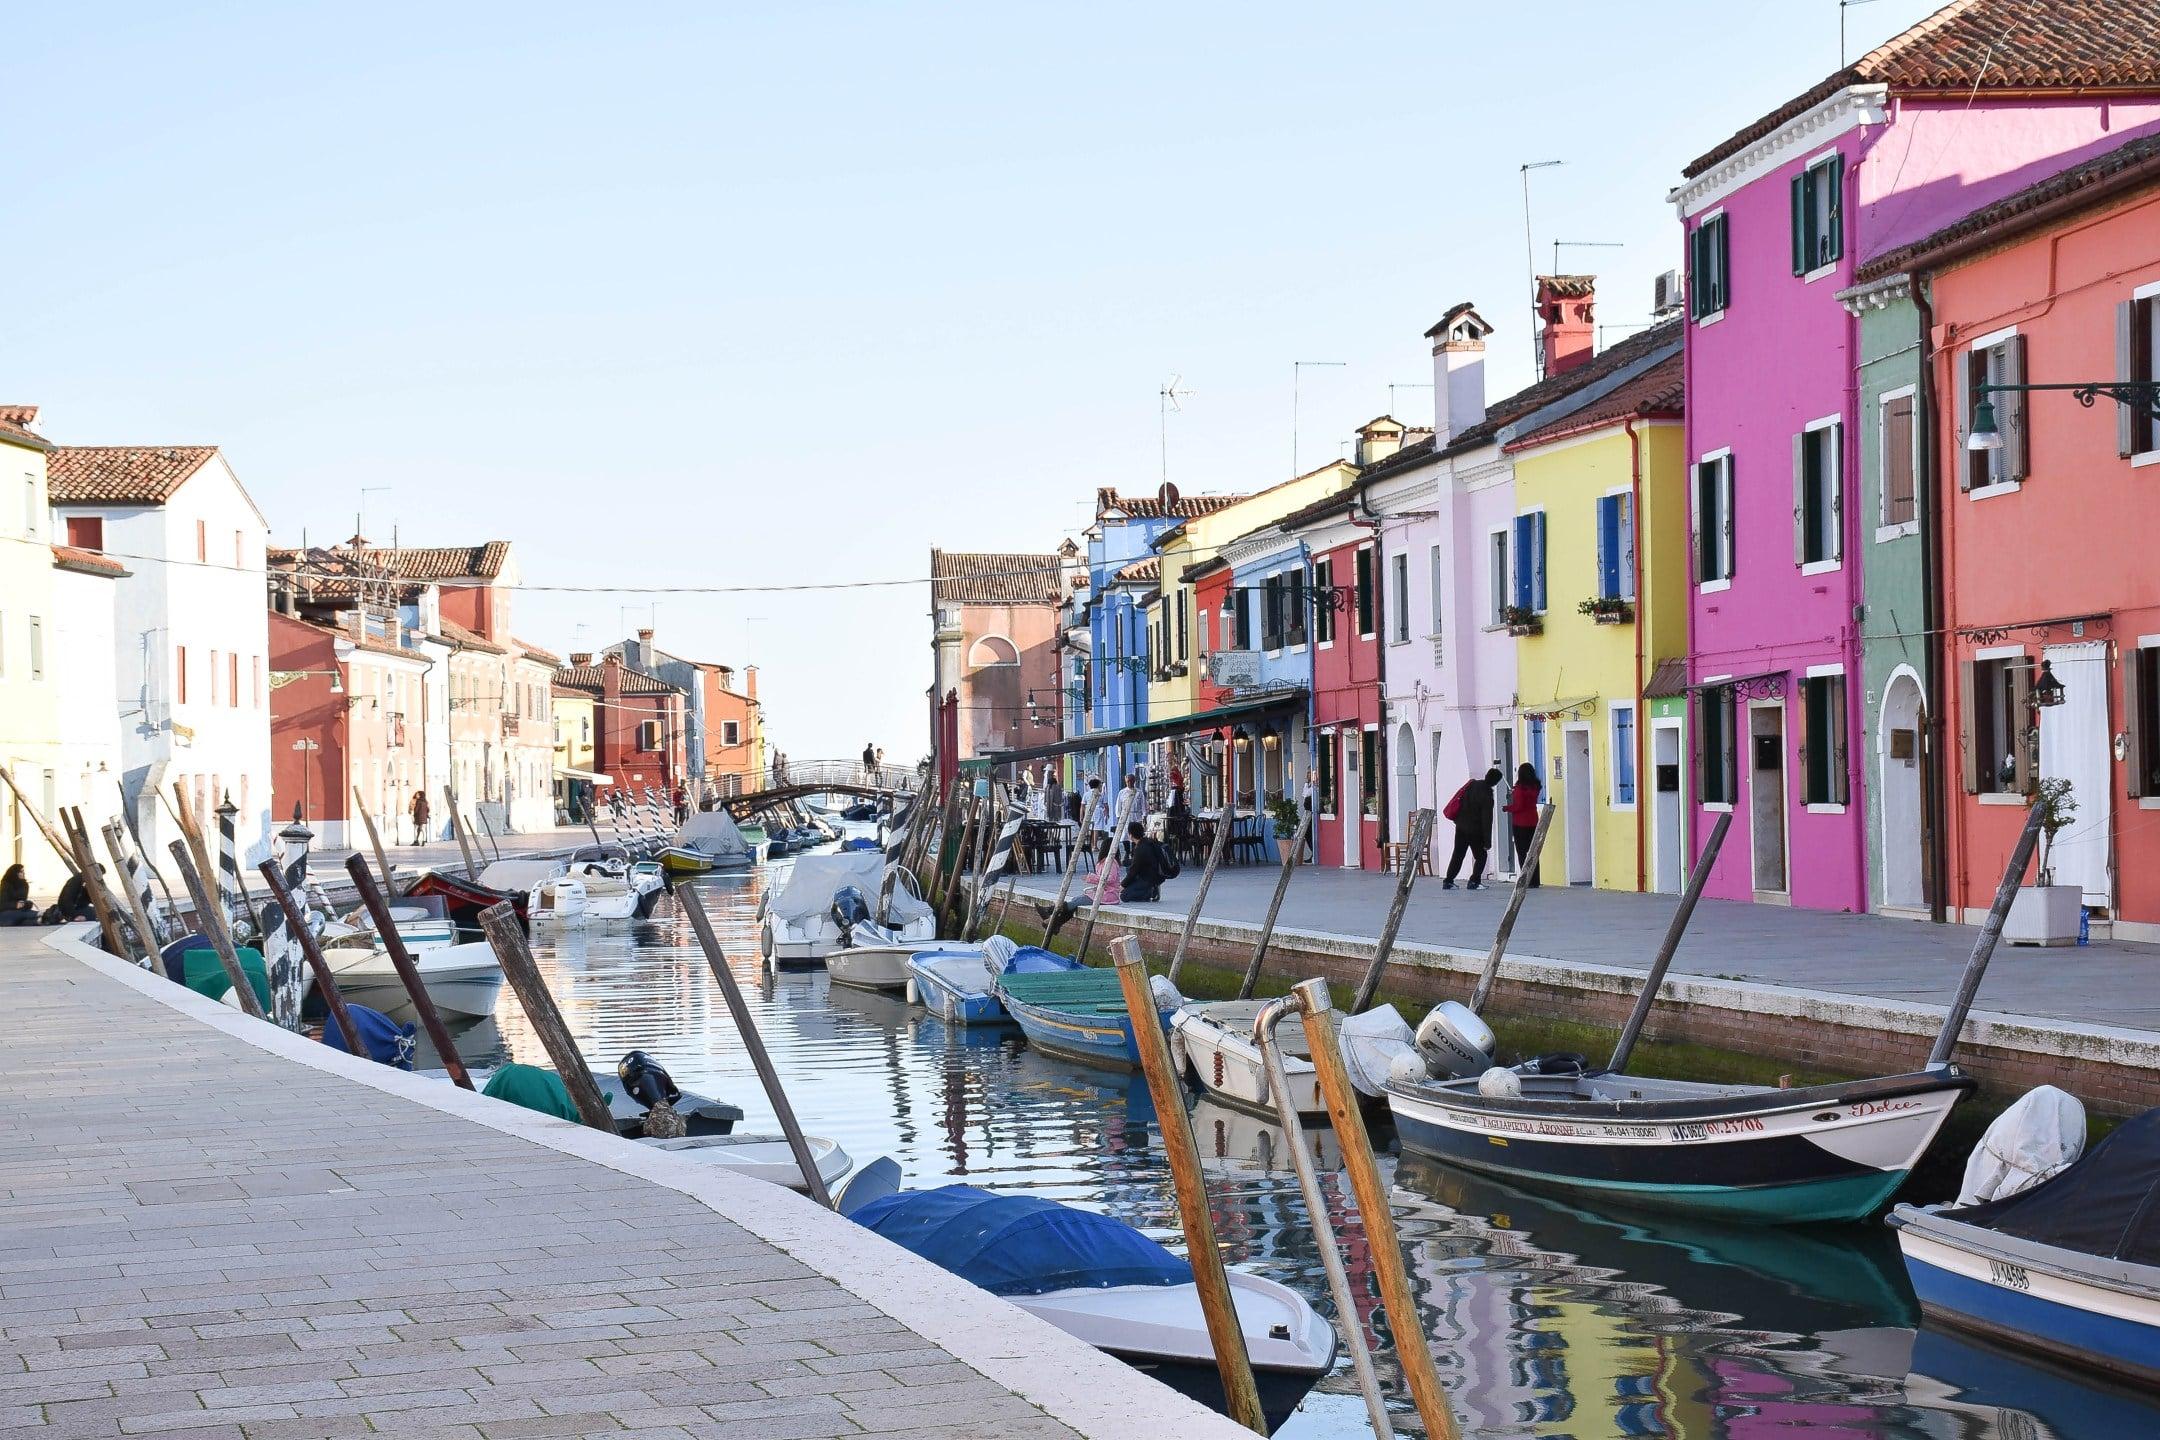 Guide touristique pour 72h à Venise sur le blog KISS de Showroomprivé.